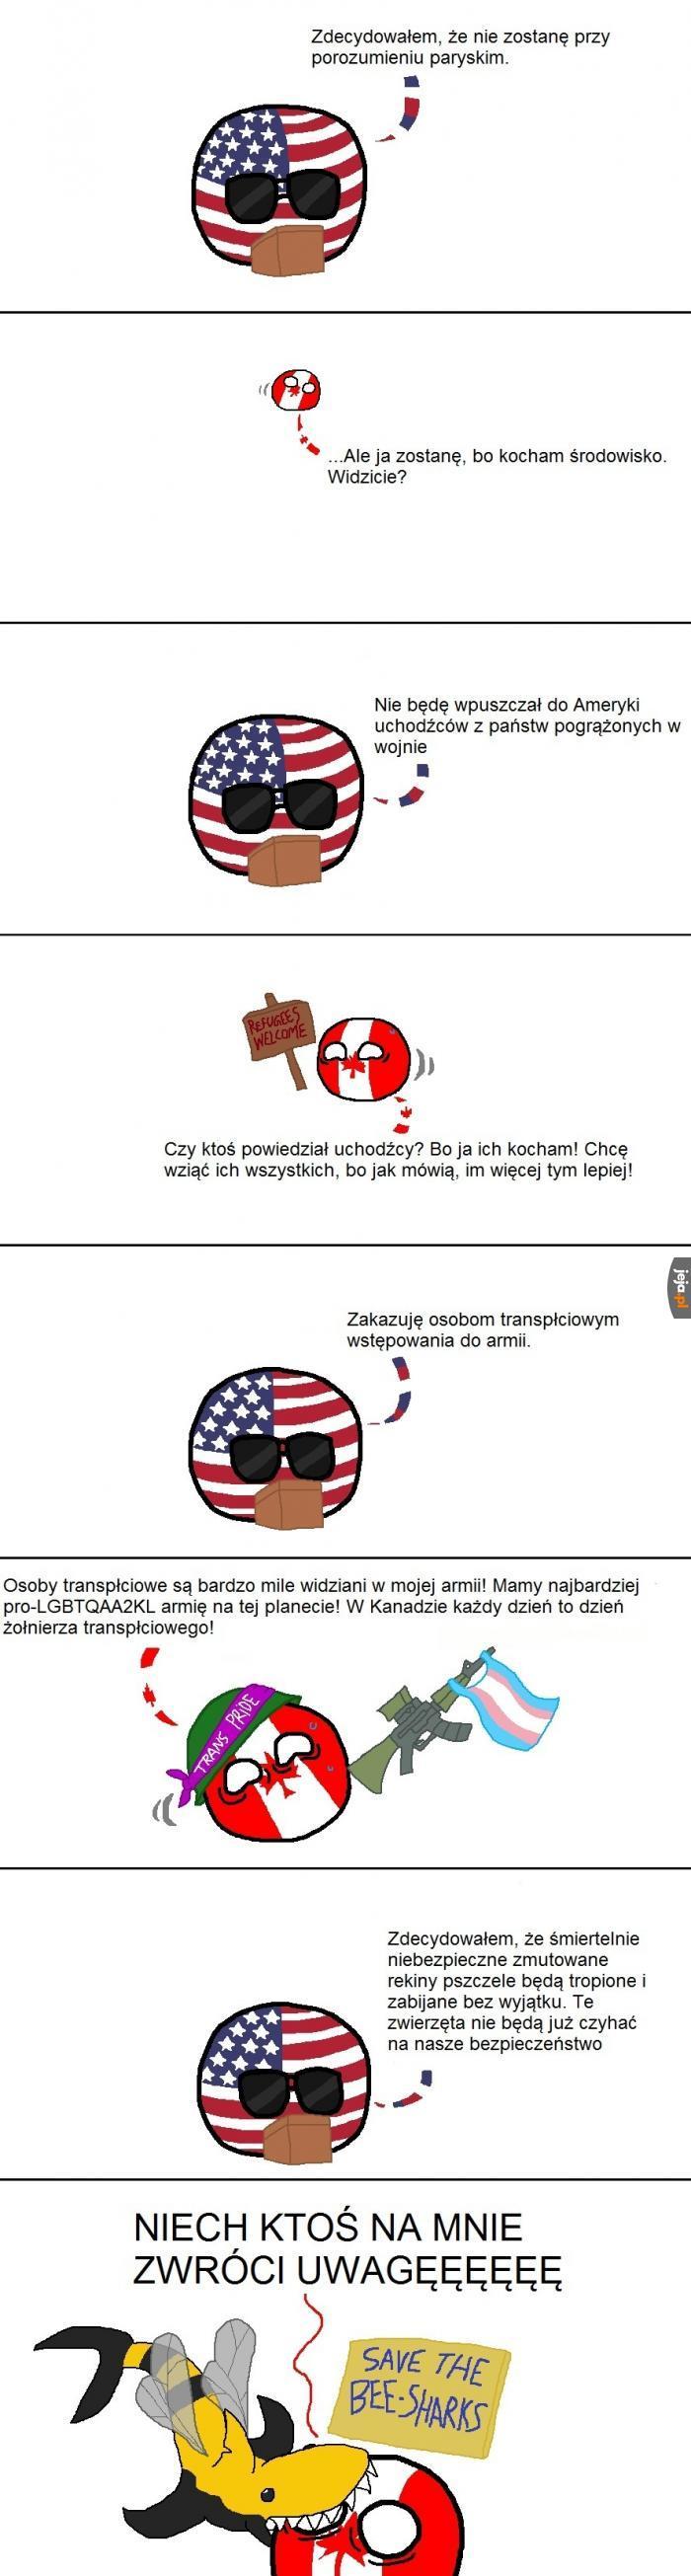 Kanada - Zachodnia Europa Ameryki